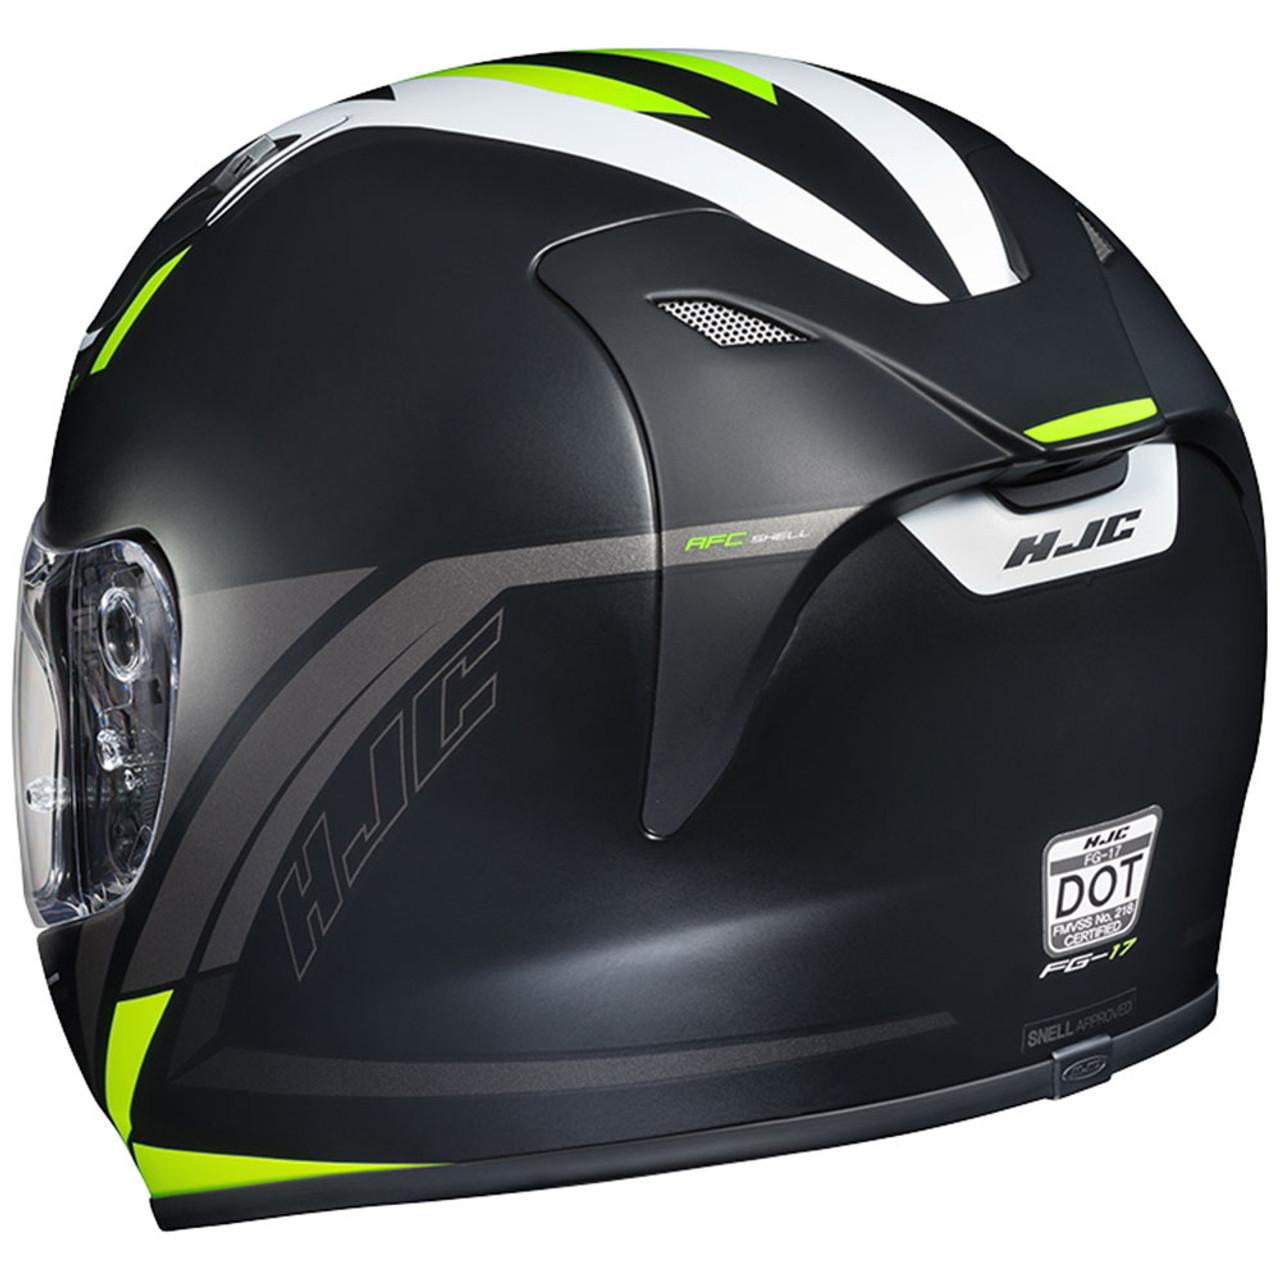 Hjc Fg 17 >> Hjc Fg 17 Valve Helmet Mc 3hsf